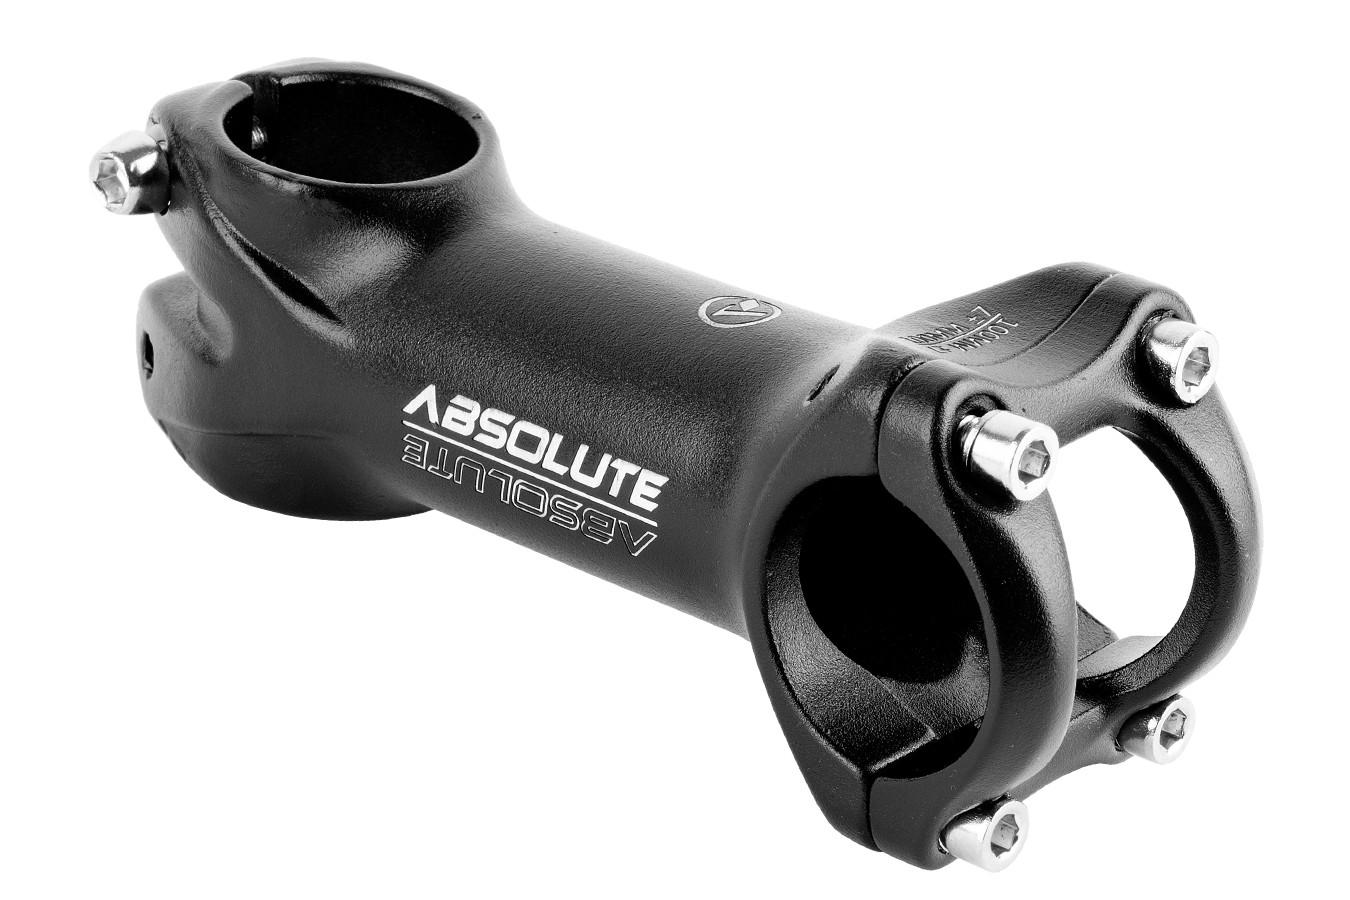 Suporte Guidão AHS Alumínio 31,8mm JJ3D-364 - Absolute